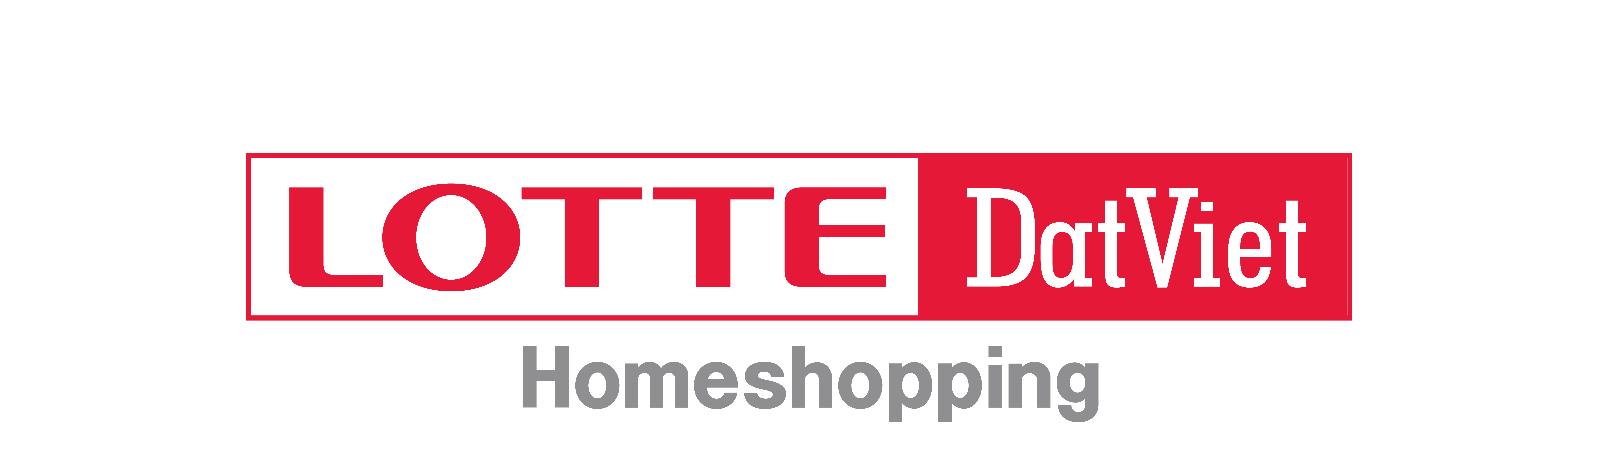 Lotte là gì? Có nên mua hàng trên giamcanlamdep.com.vn? – Lozimom